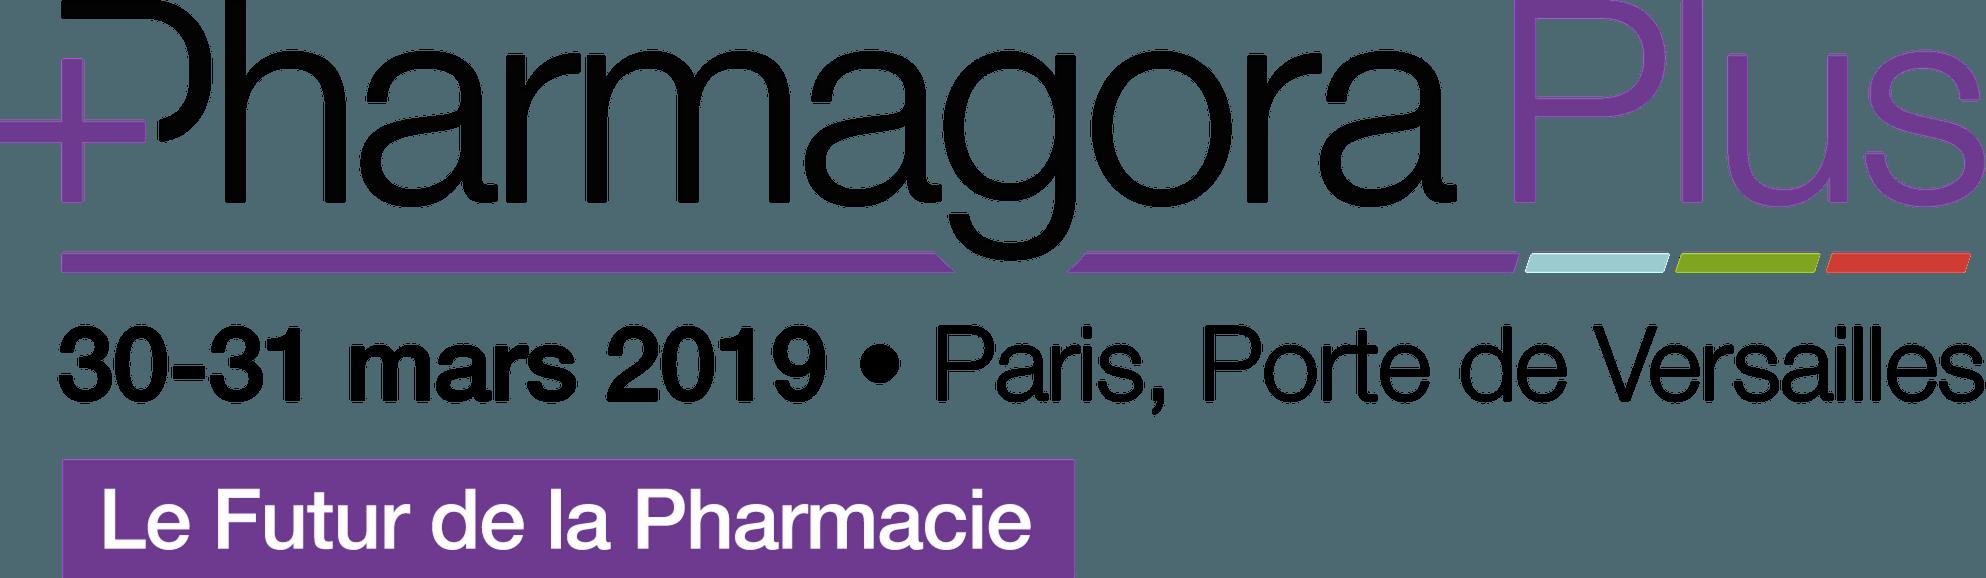 PharmagoraPlus - 1 Place de la Porte de Versailles 75015 Paris France